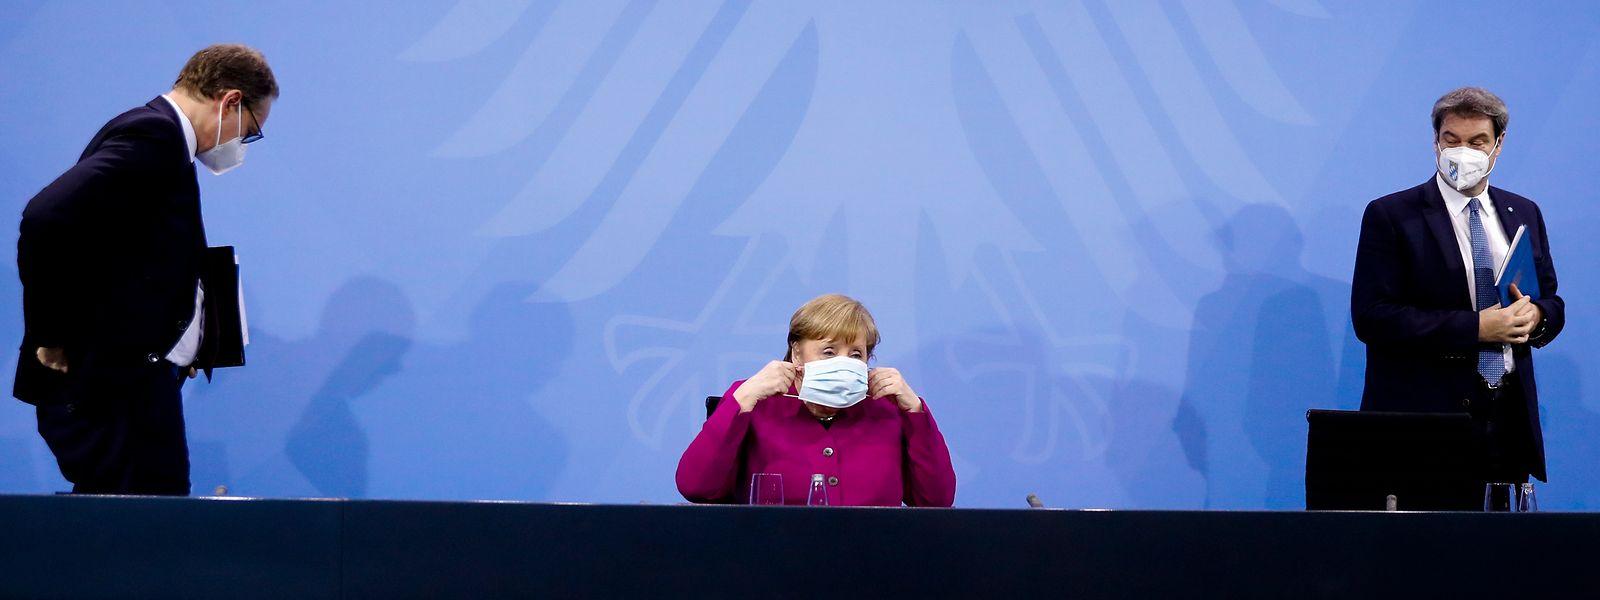 Bundeskanzlerin Angela Merkel (M, CDU), Markus Söder (r, CSU), Ministerpräsident von Bayern, und Michael Müller (SPD), Regierender Bürgermeister von Berlin, verlassen nach einem Treffen im Kanzleramt eine Pressekonferenz.